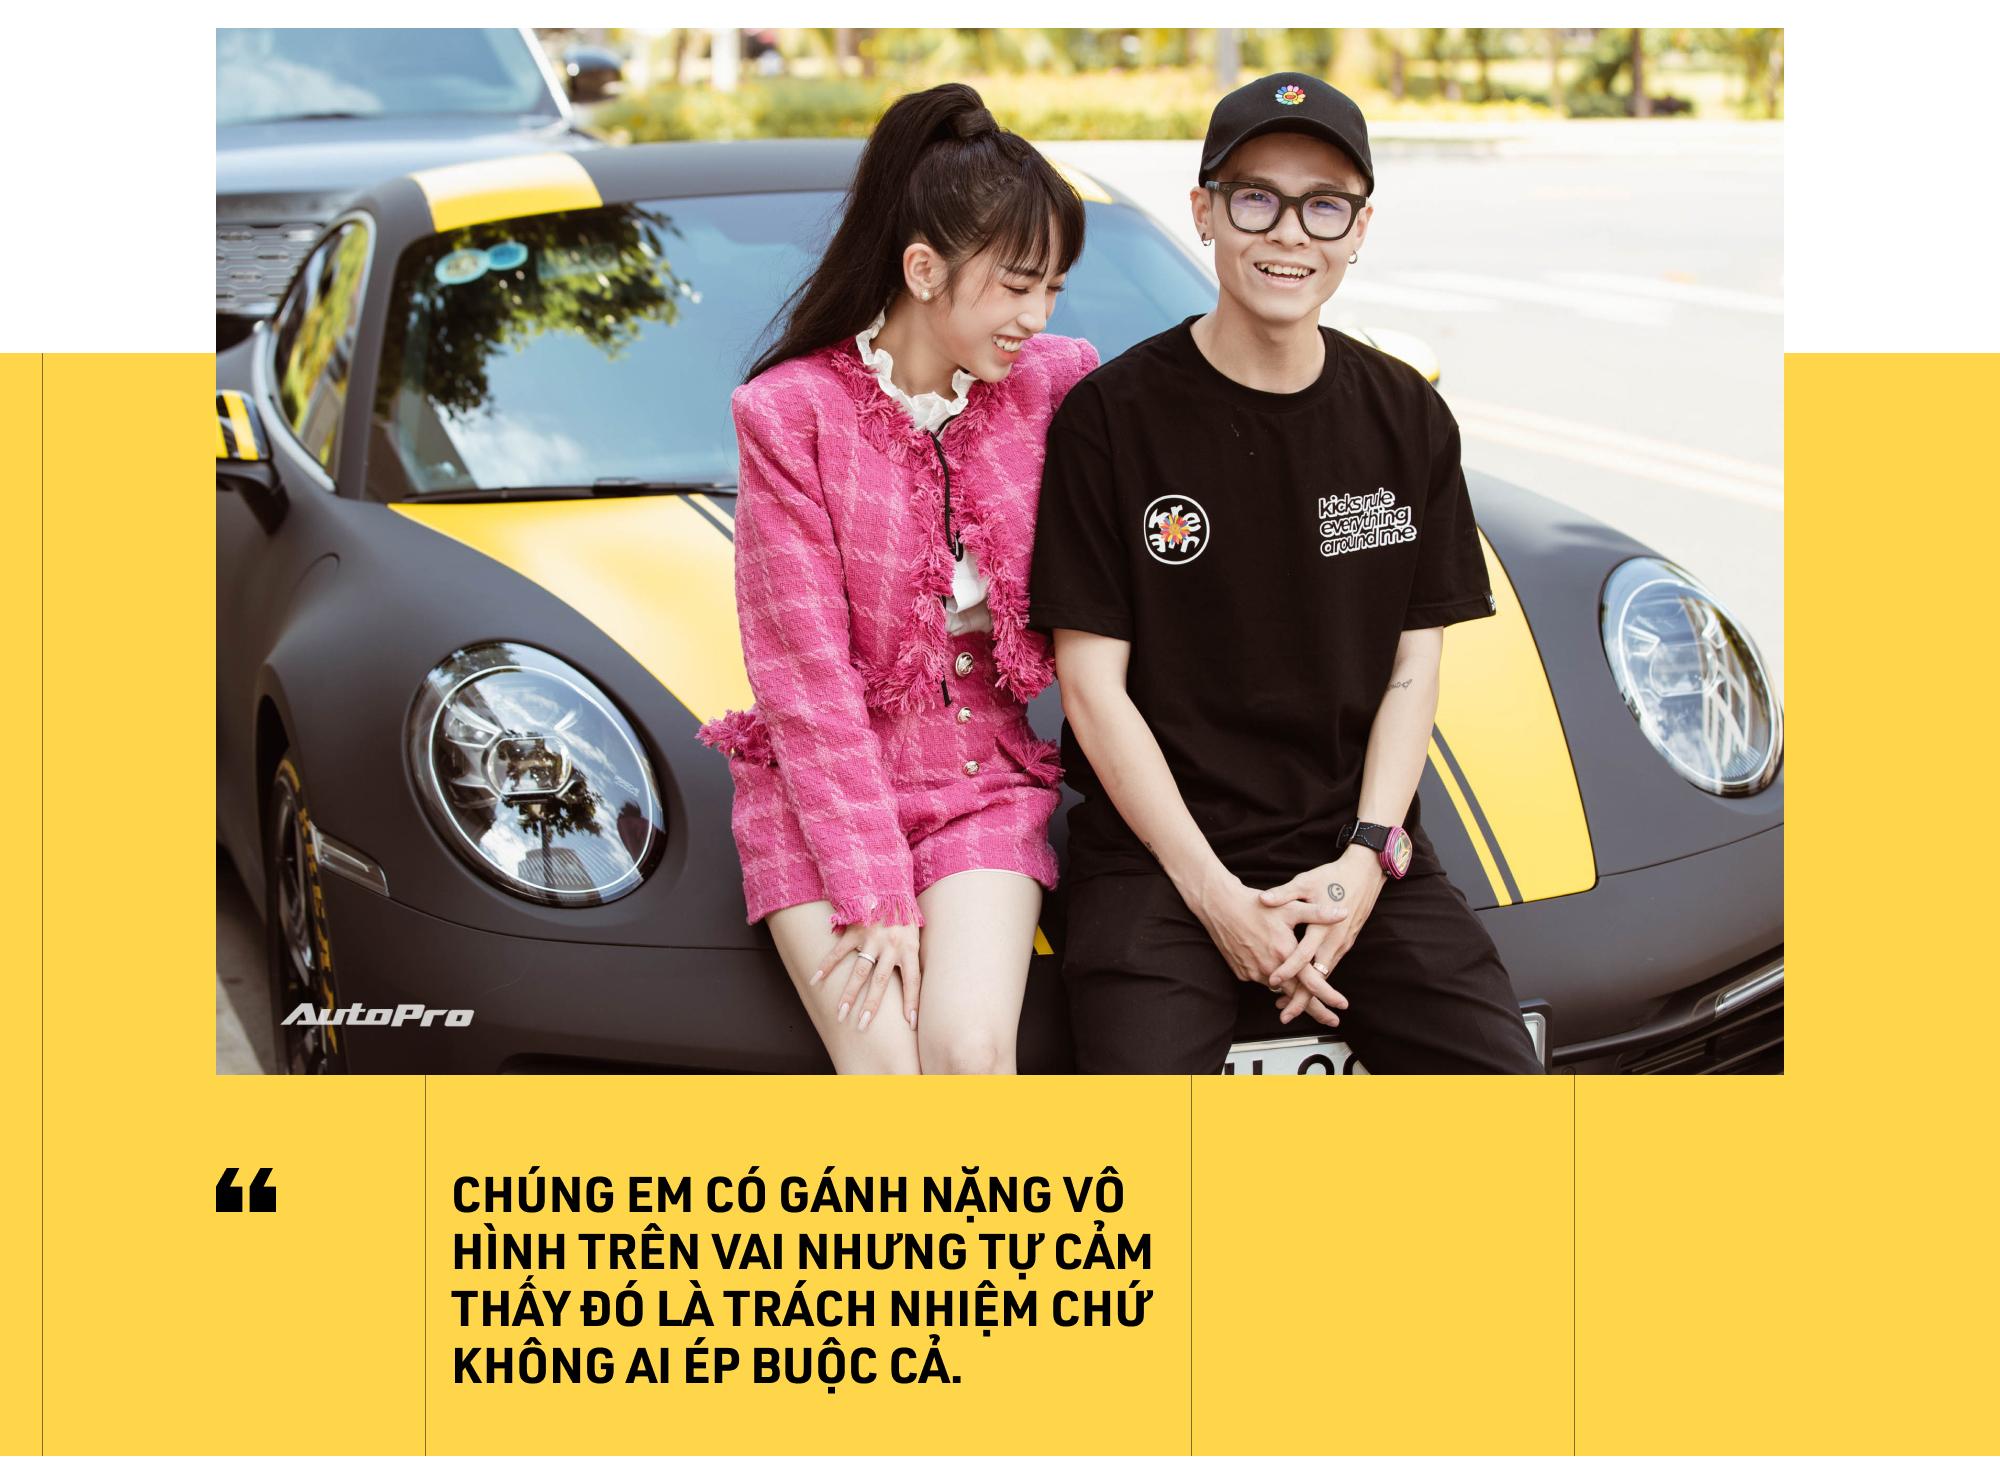 Con gái Minh Nhựa: 'Một đứa 21 tuổi như em sao tự mua chiếc xe đắt như Porsche 911 được' - Ảnh 25.